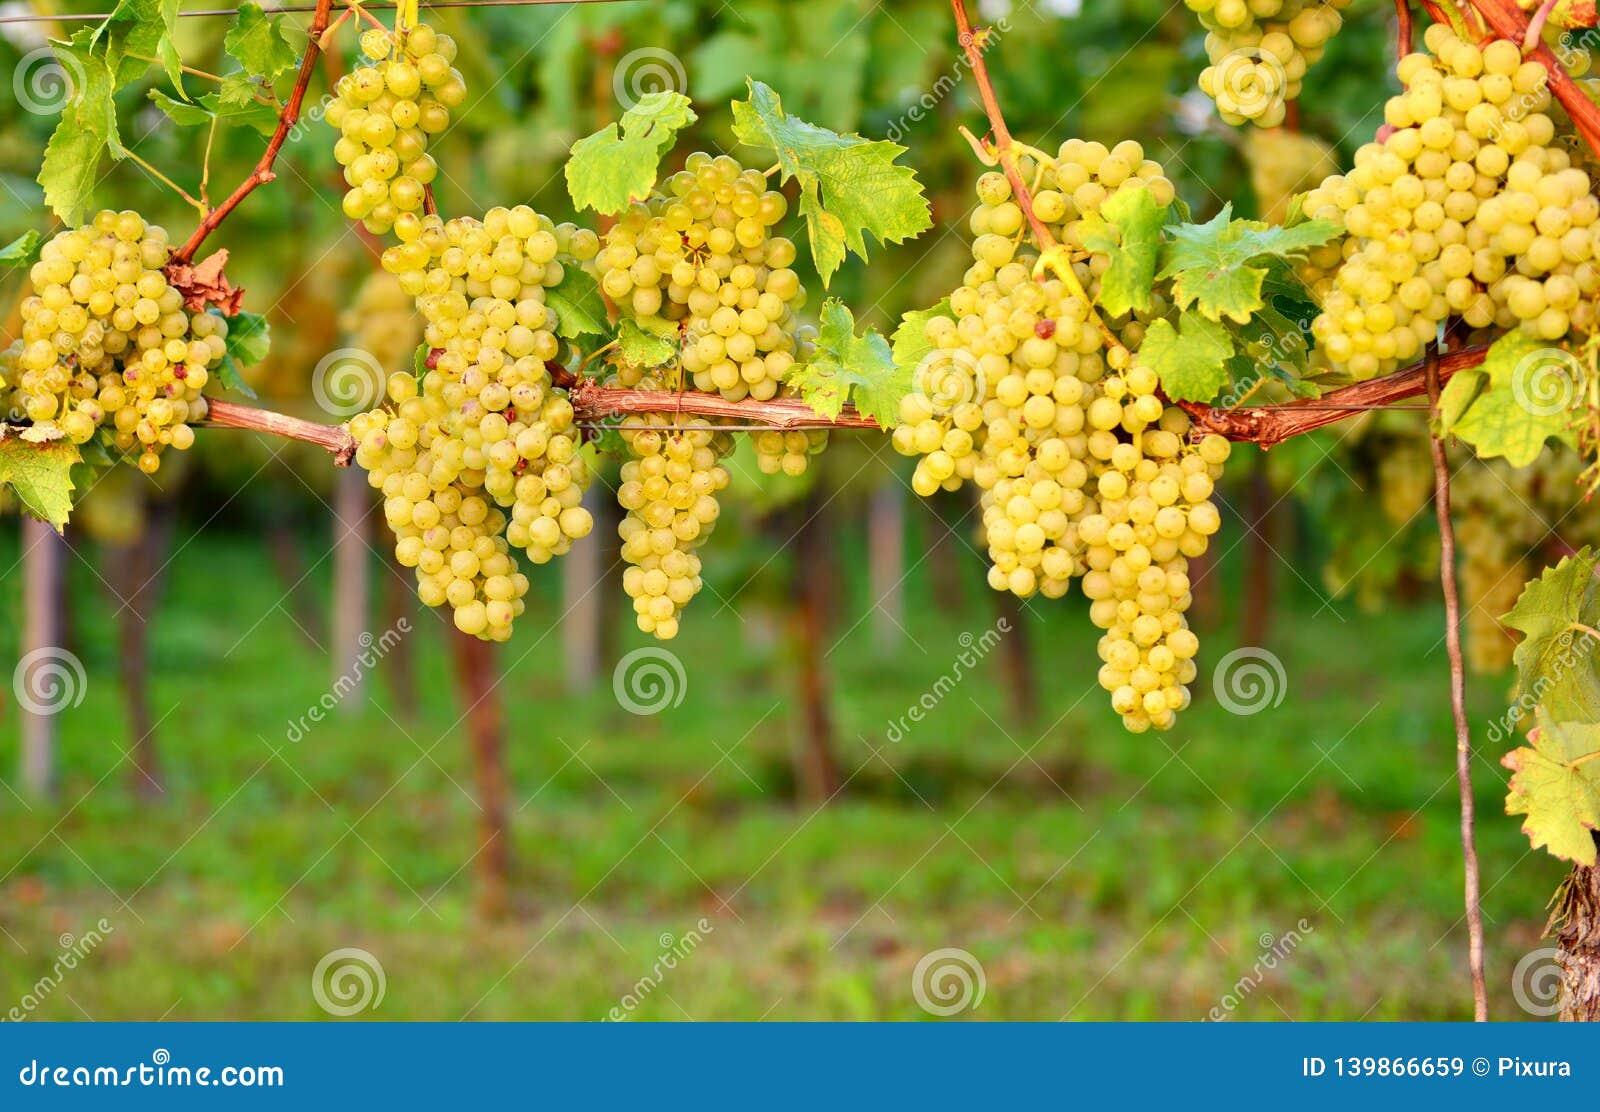 Uva bianca in autunno